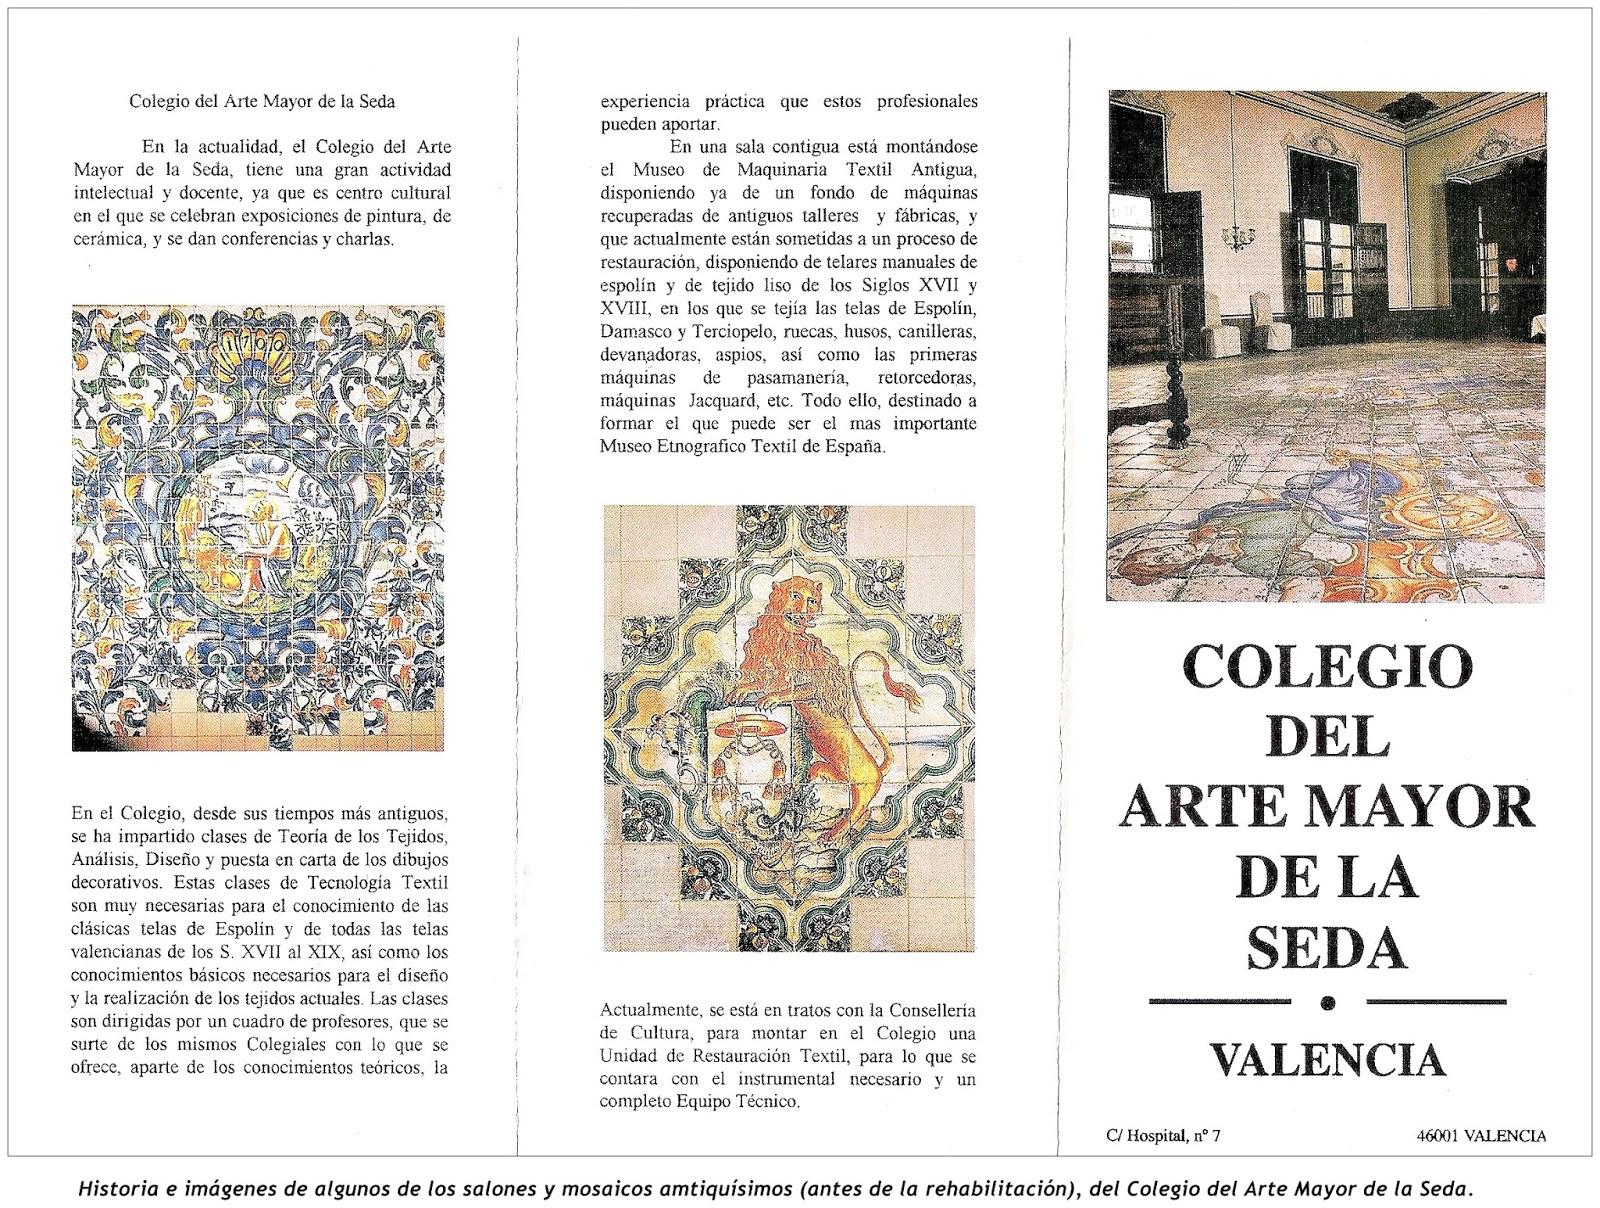 Por otro lado no podemos ni debemos olvidar que el auge y la vida de la seda en Valencia entre los factores hist³ricos culturales mencionados